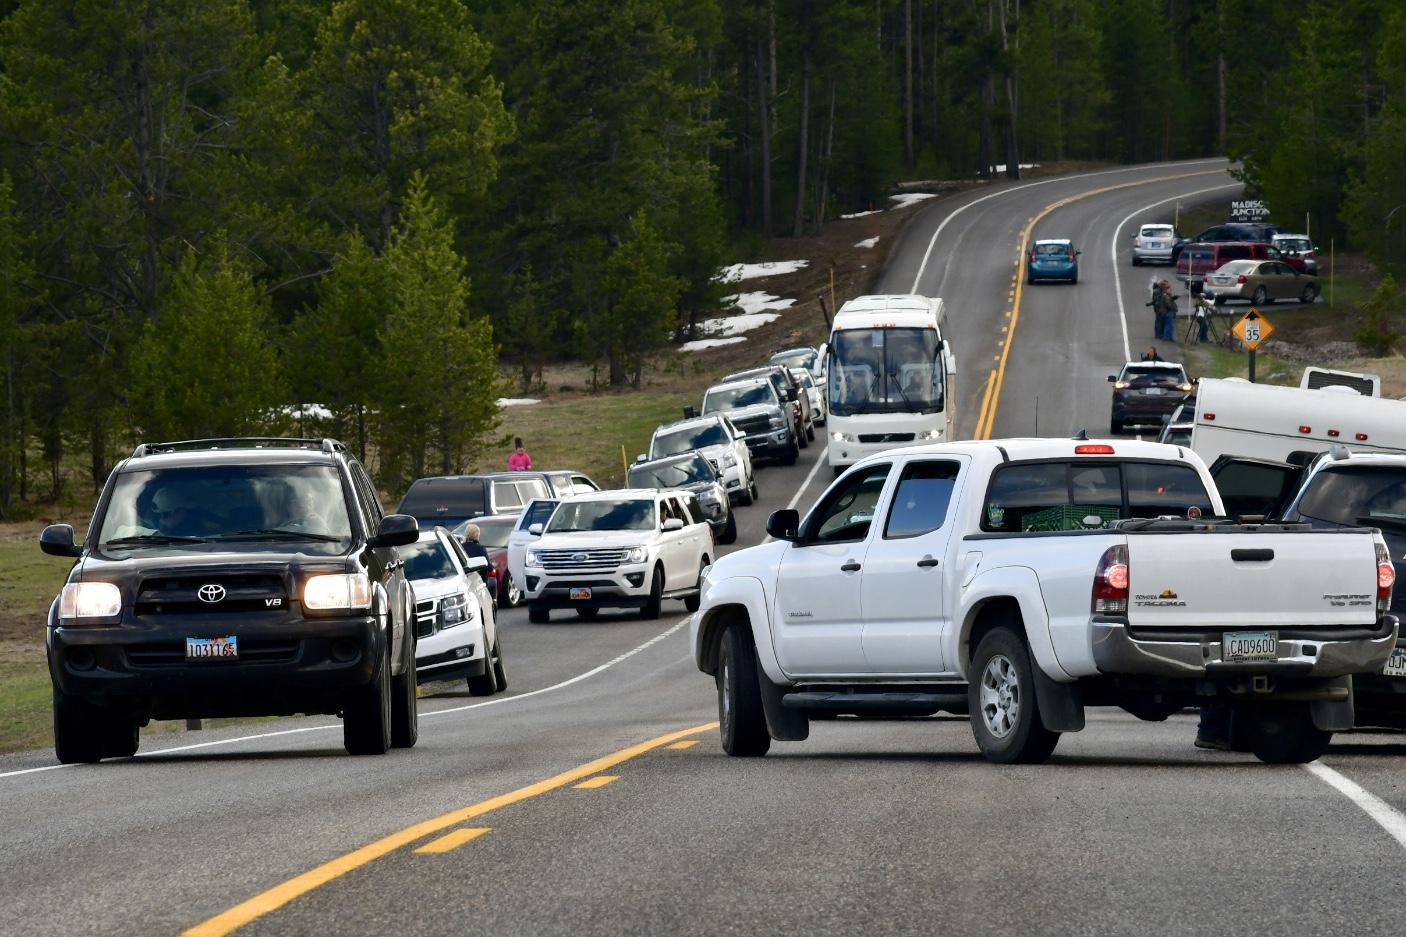 Viele Autos parken am Straßenrand, Bus kommt nicht mehr an ein- und ausparkenden Autos auf schmaler Straße im Yellowstone Nationalpark vorbei